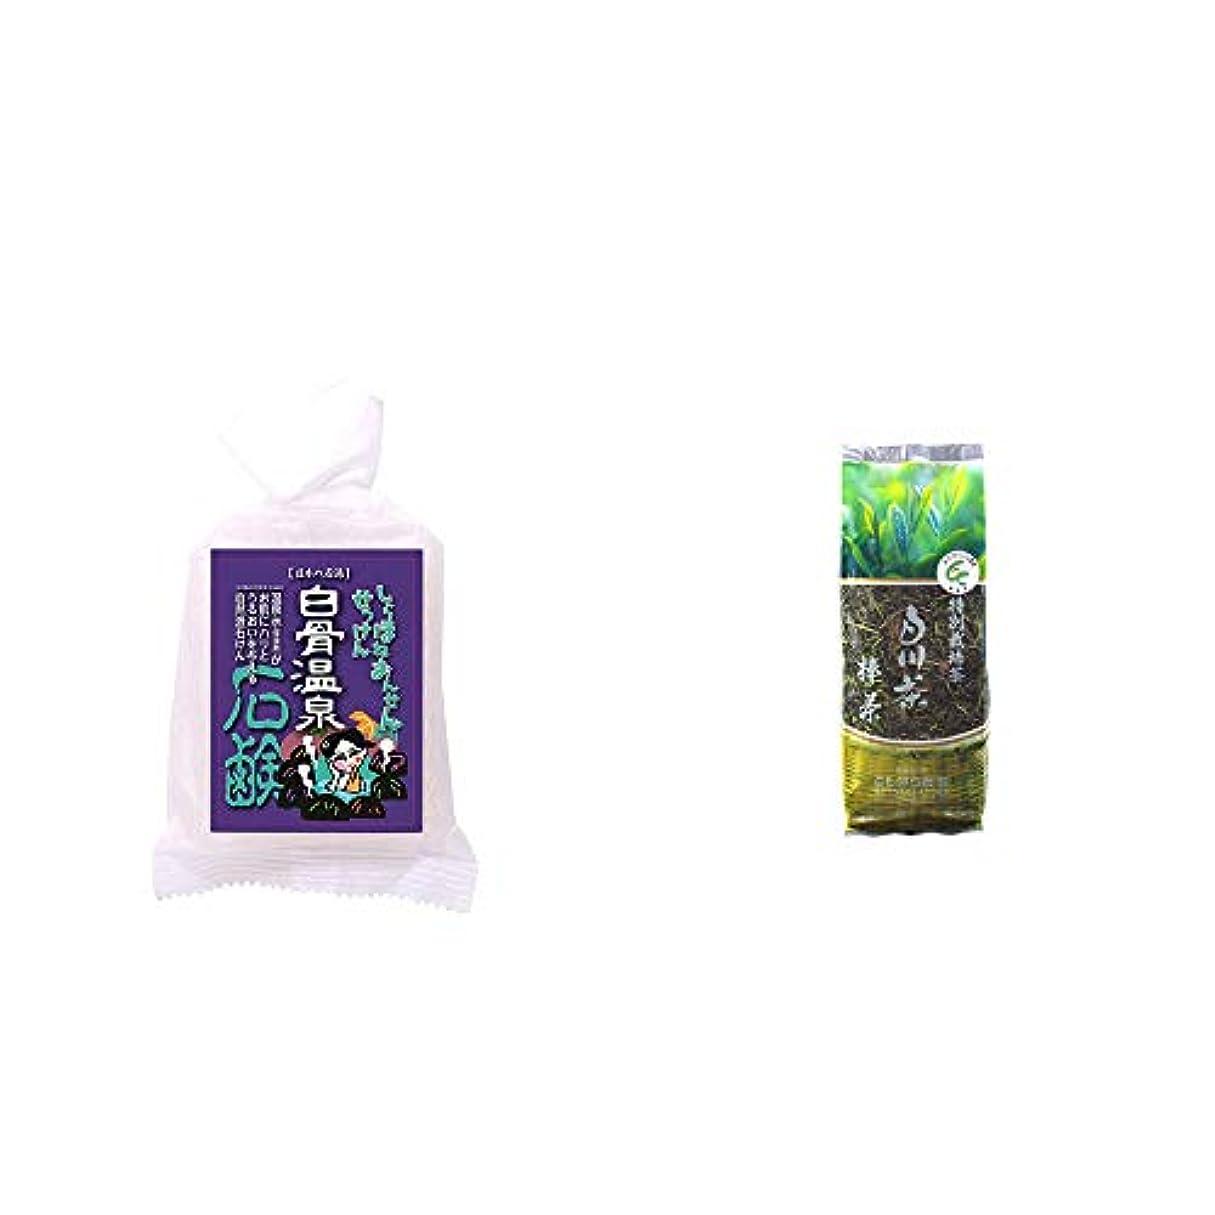 要旨戦う飢え[2点セット] 信州 白骨温泉石鹸(80g)?白川茶 特別栽培茶【棒茶】(150g)